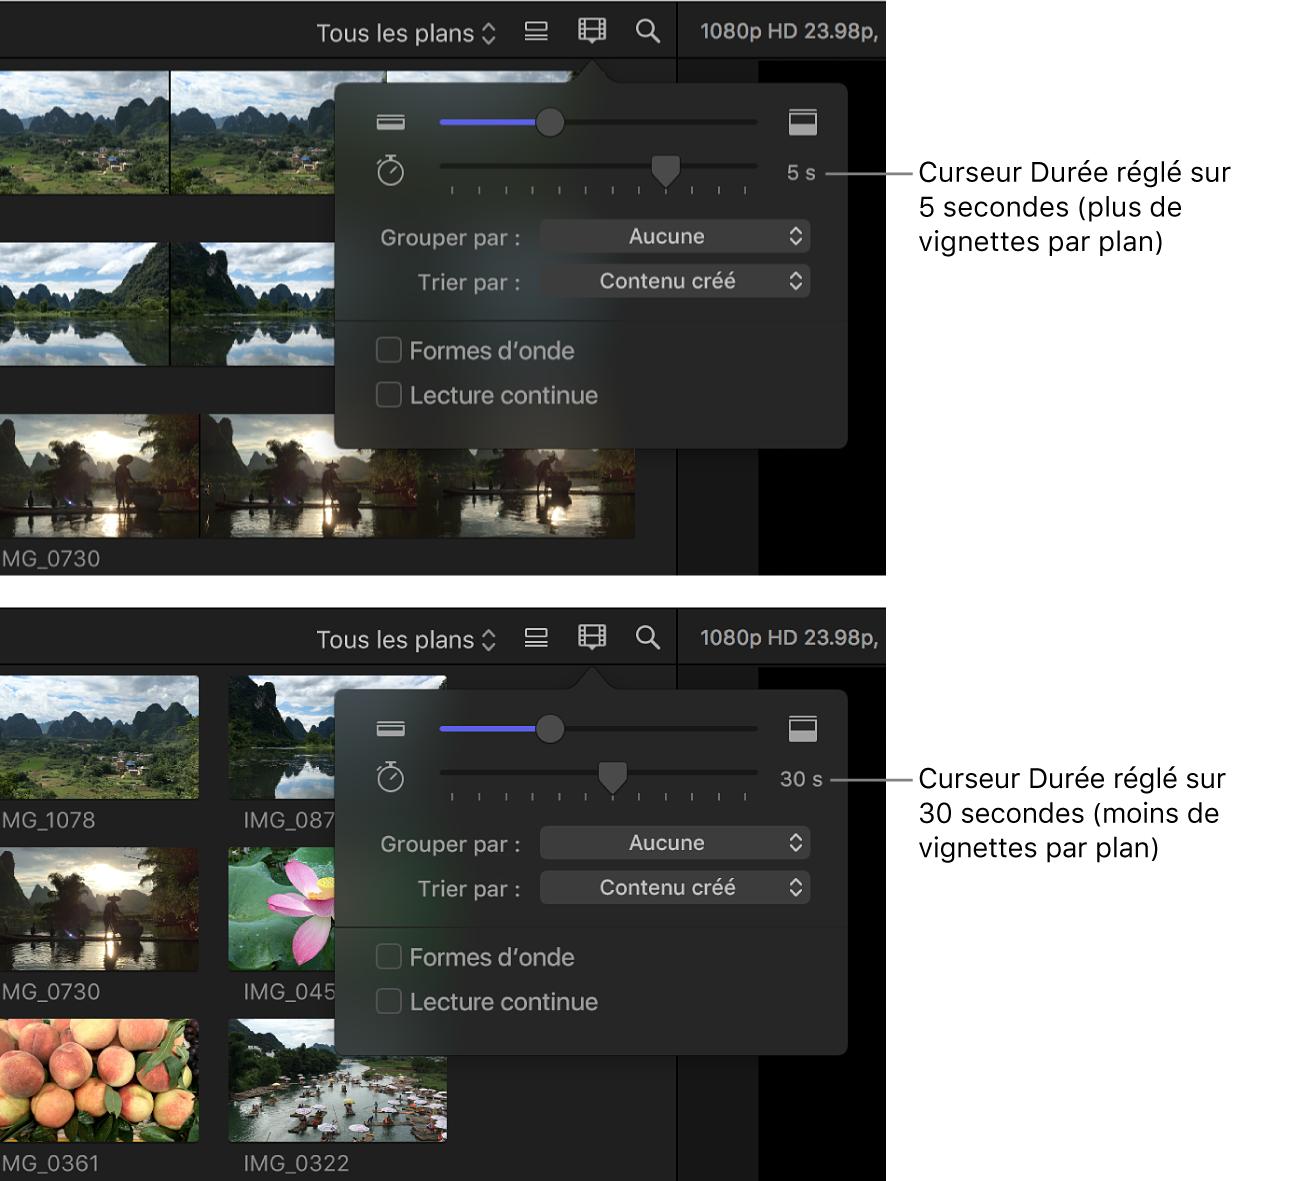 Comparaison de la longueur visuelle des pellicules dans le navigateur lorsque le curseur Durée est réglé sur5 et sur 30secondes